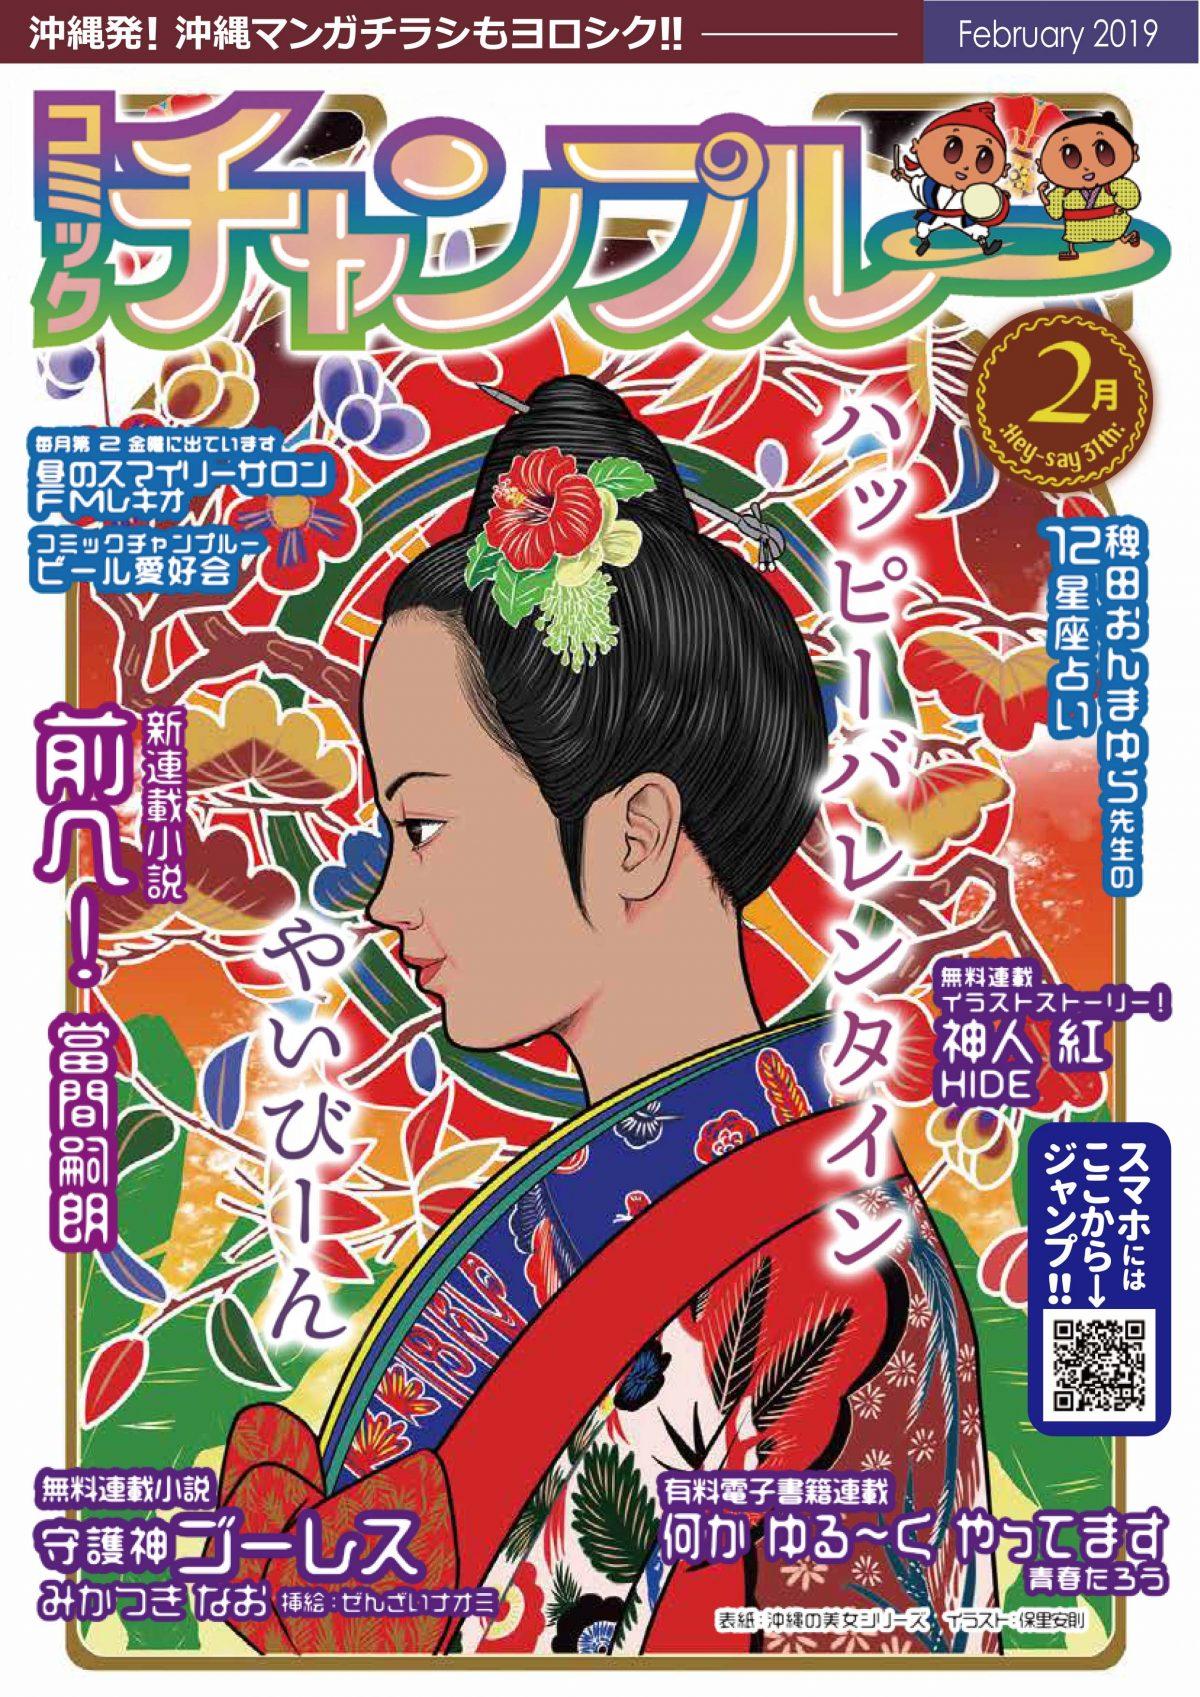 2月です! コミックチャンプルー 表紙更新しました! 沖縄マンガチラシもやってます!